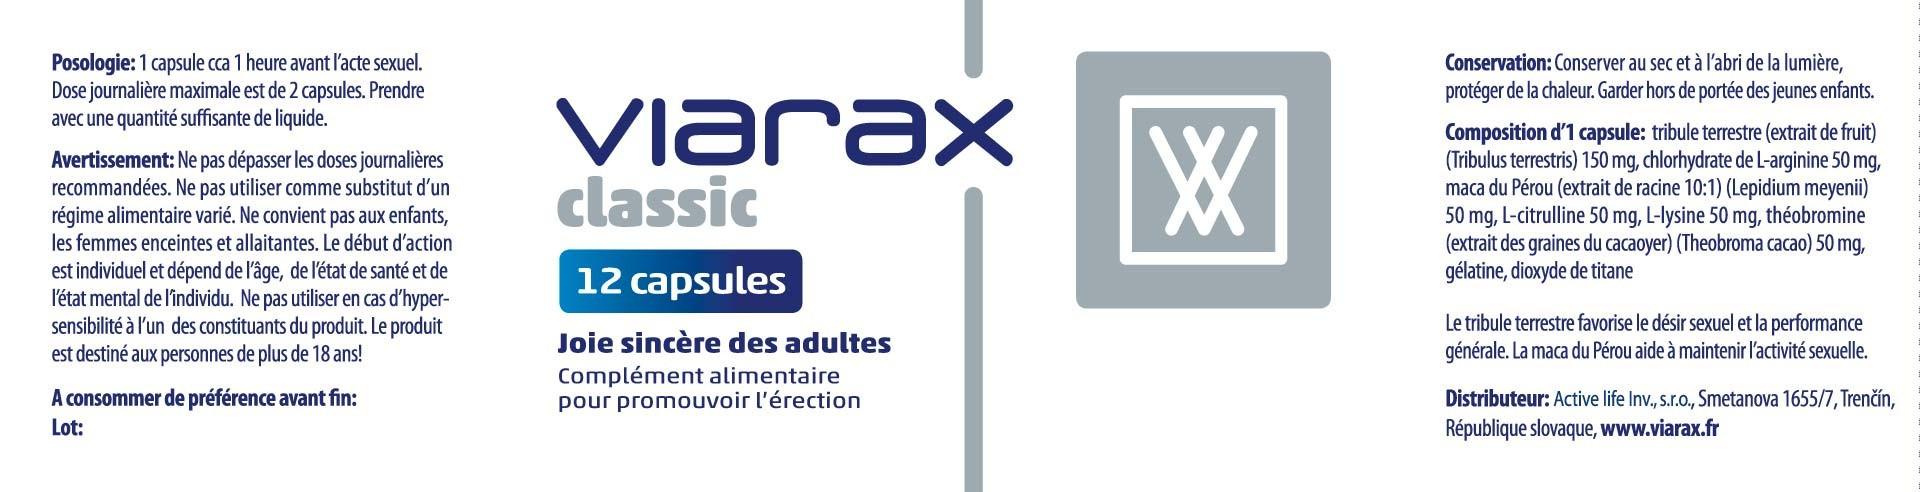 Viarax Classic